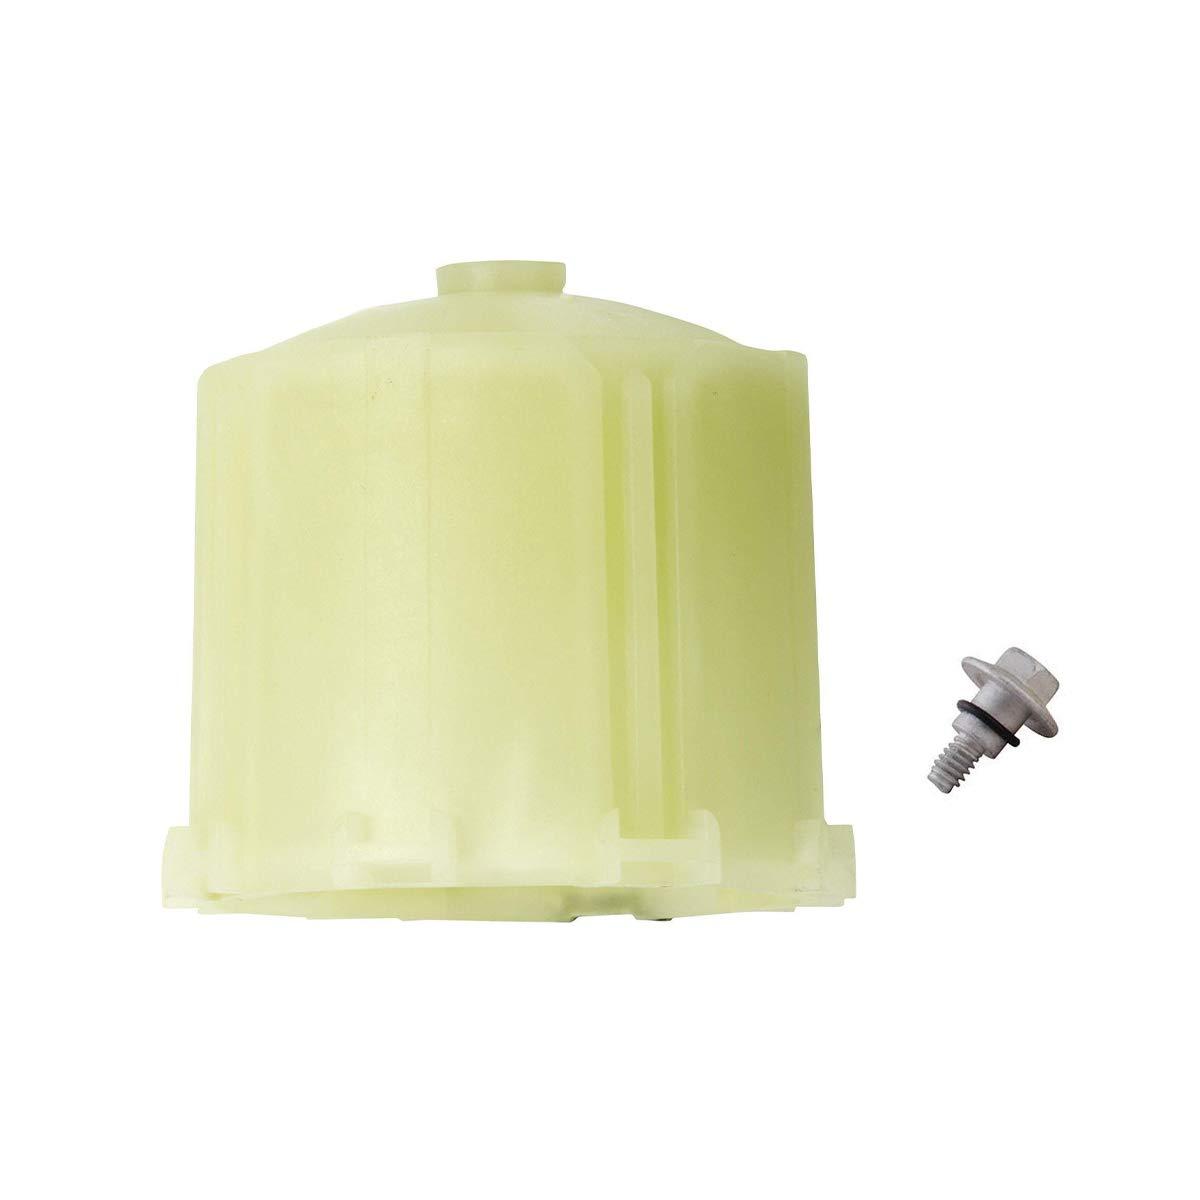 Ketofa AP3964635 ウォッシャー攪拌機互換性 GE カップリングキット WH43X10009 WH49X10042用   B07KW4MCML